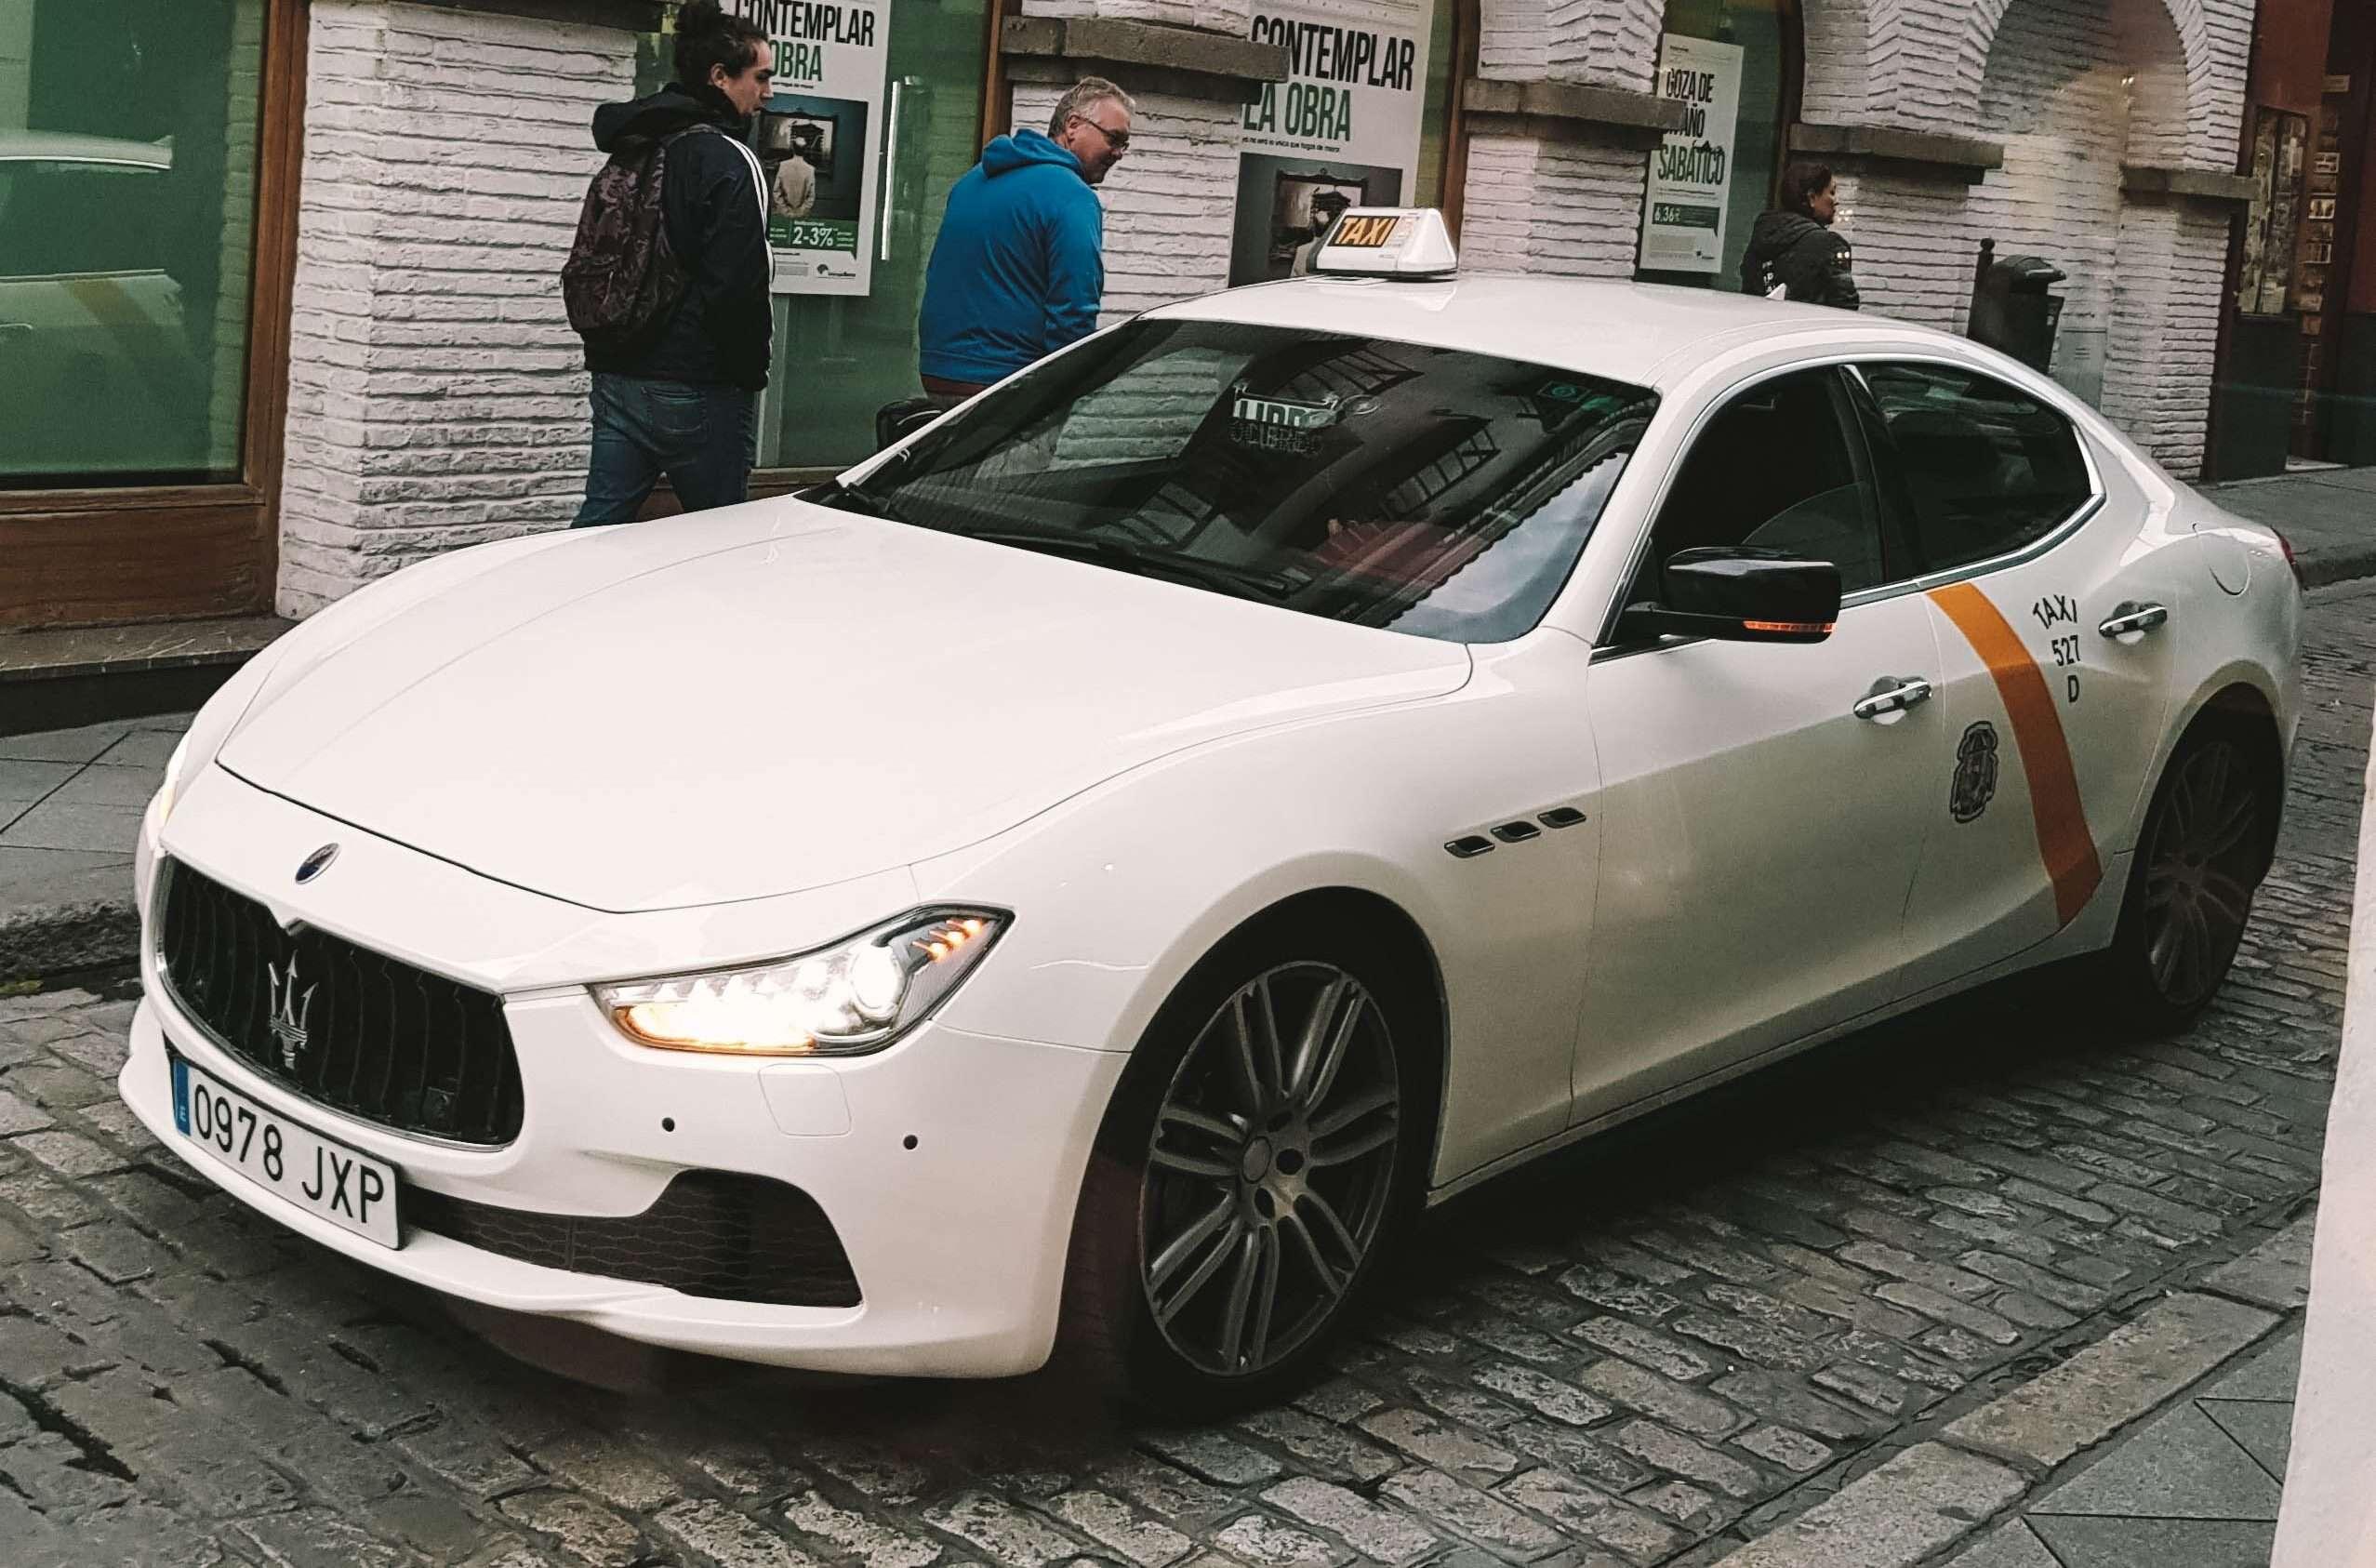 Maserati Taxi in Seville